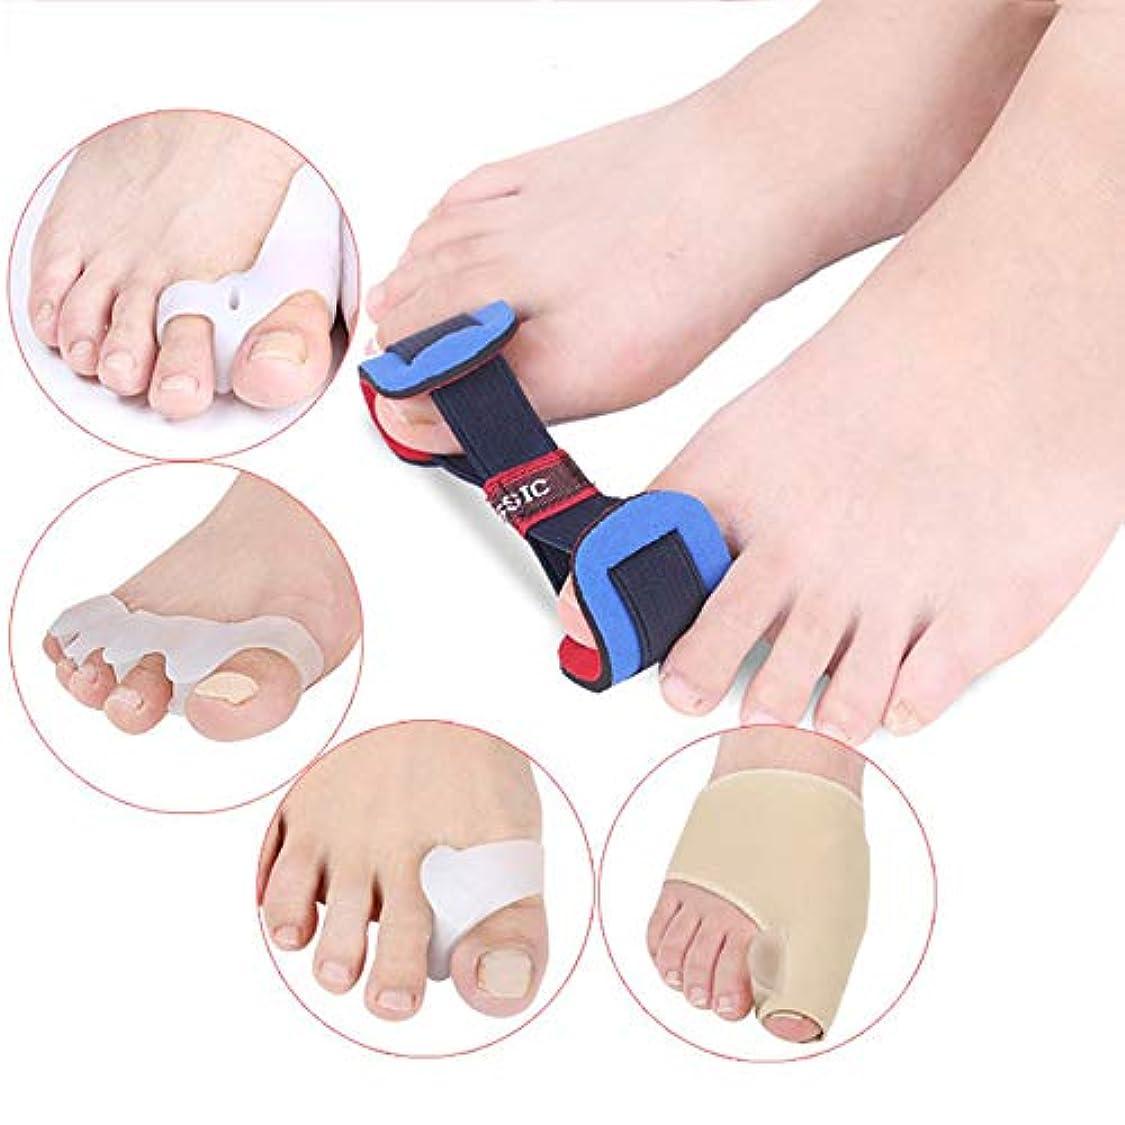 空気直接バッチ5ピースコンプリートバニオンコレクターキット鎮痛&矯正外反母趾と腱膜パッド、矯正器&プロテクターHallux外反整形外科用つま先セットつま先セパレータ矯正つま先